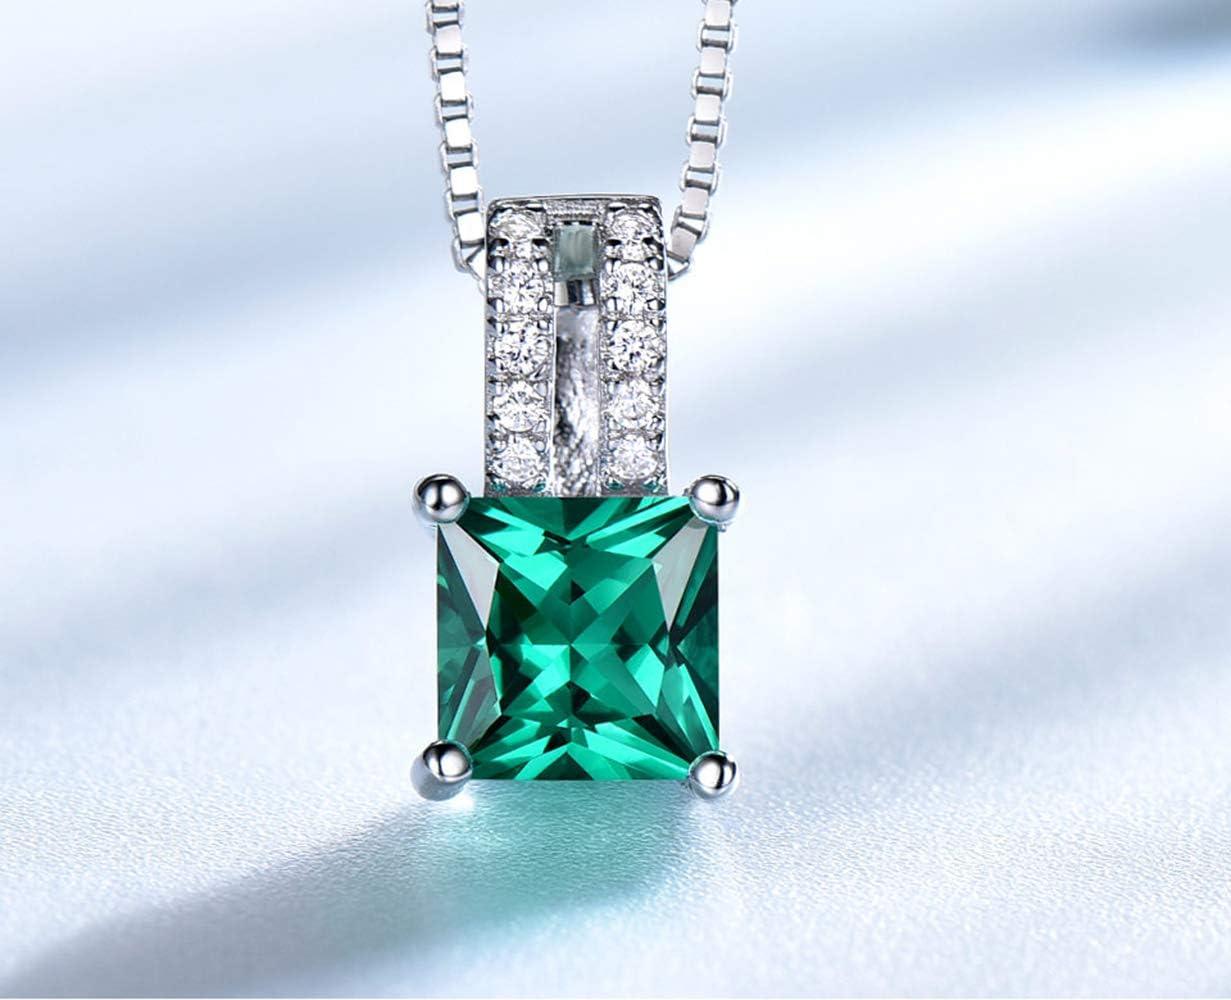 SHIJING Pura 925 de Plata esterlina para Las Mujeres Verde Esmeralda de Corte Princesa del Encanto Pendiente de la Boda joyería Fina sin la Cadena,1